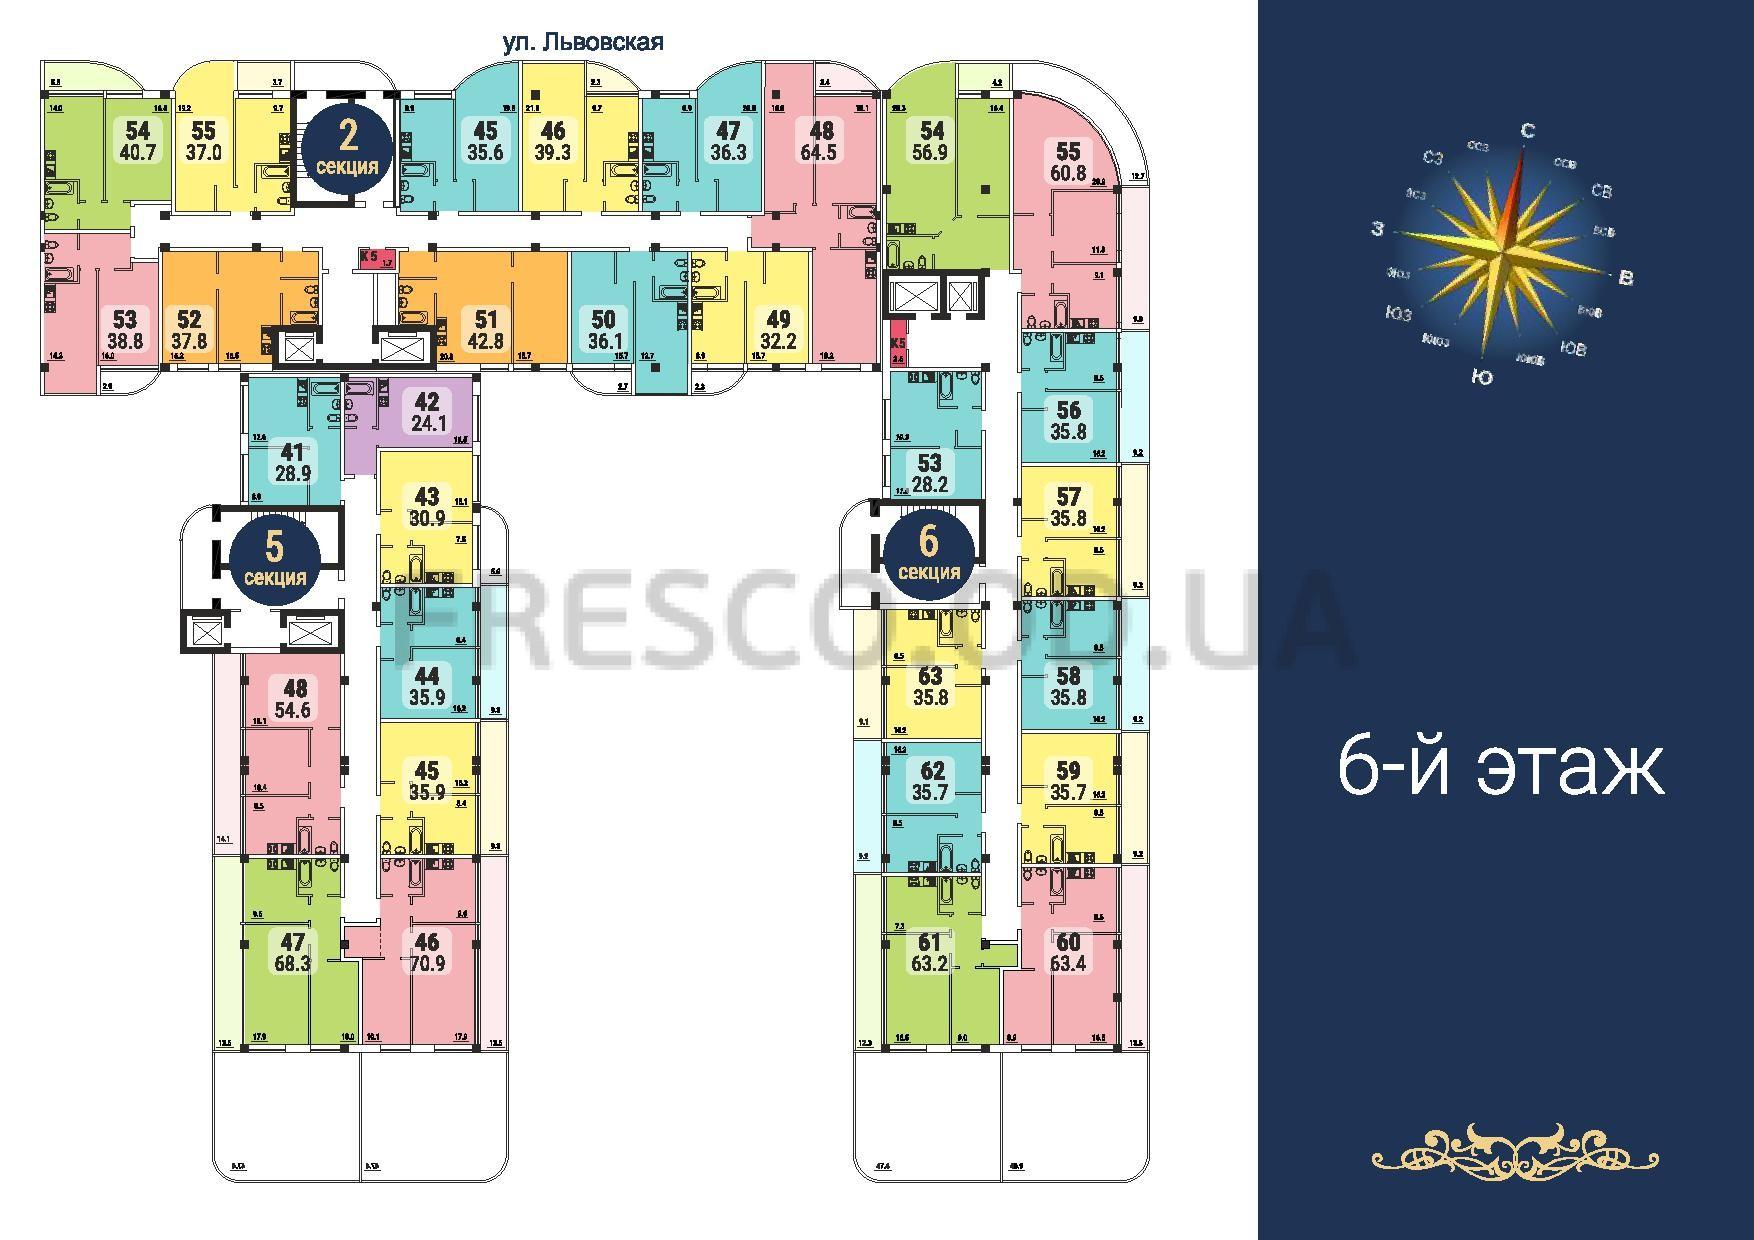 ЖК Море секции 2,5,6 план 6 этажа